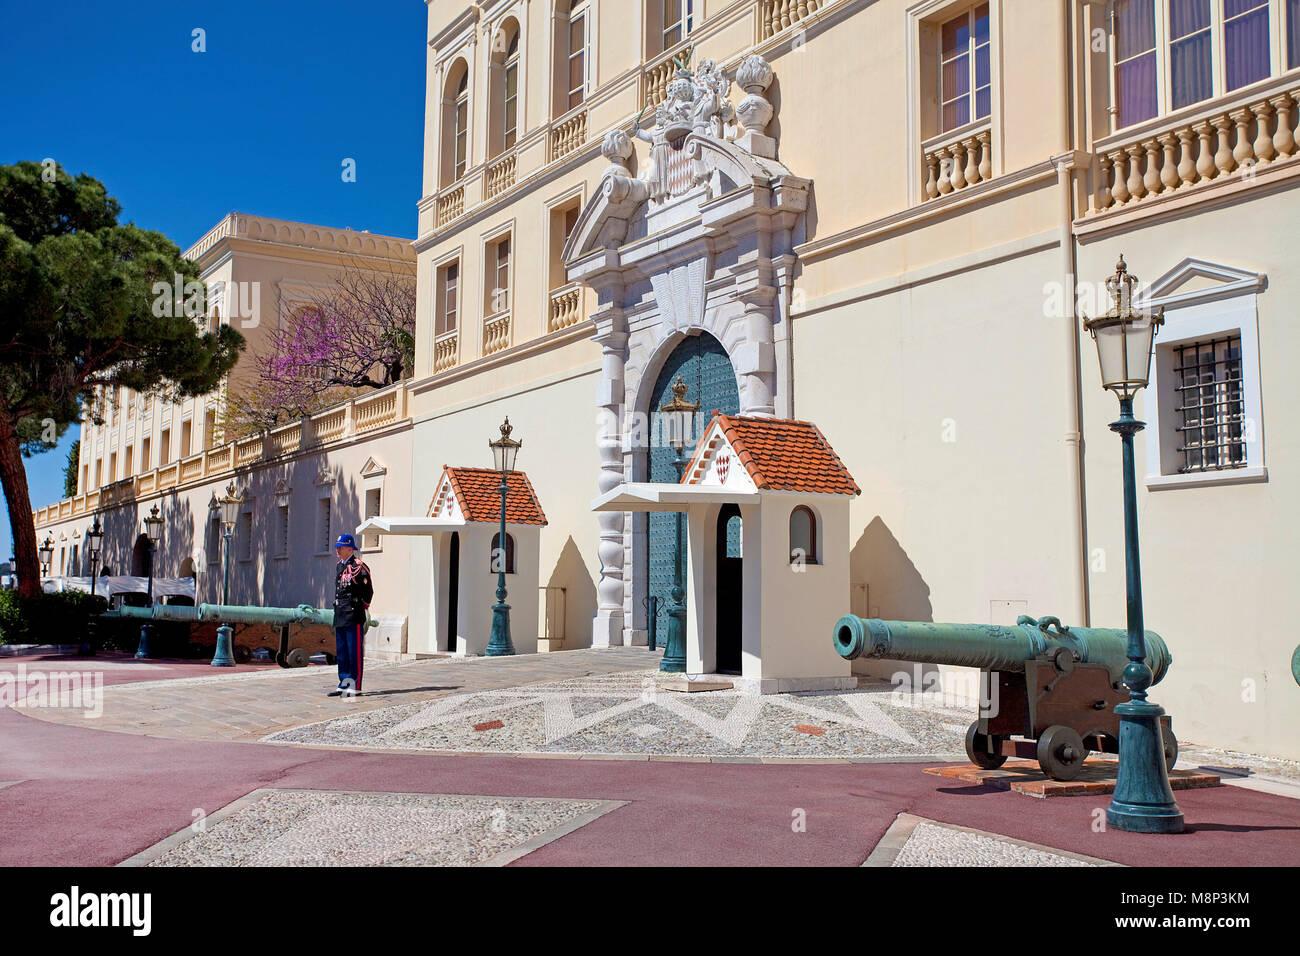 Palace guardia al Palais Princier, Princes Palace di Monaco, residenza ufficiale del Principe Sovrano di Monaco, Immagini Stock